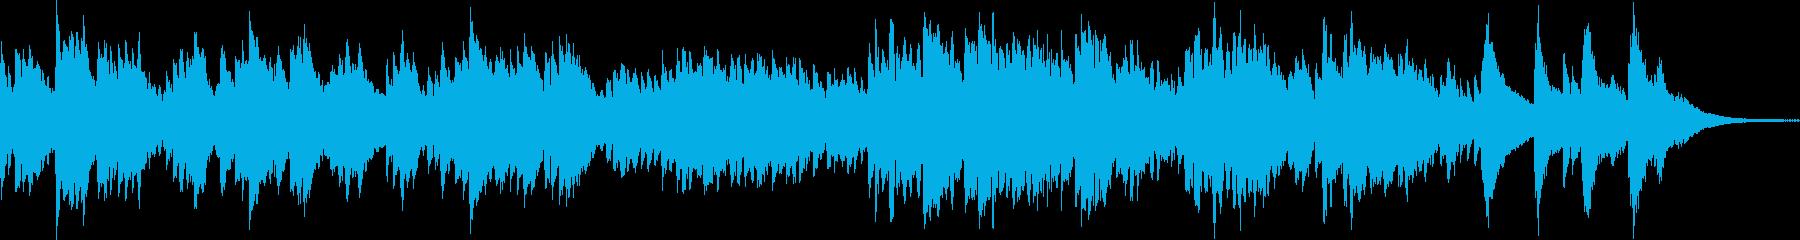 フルートとハープのゆっくりとした癒しの曲の再生済みの波形